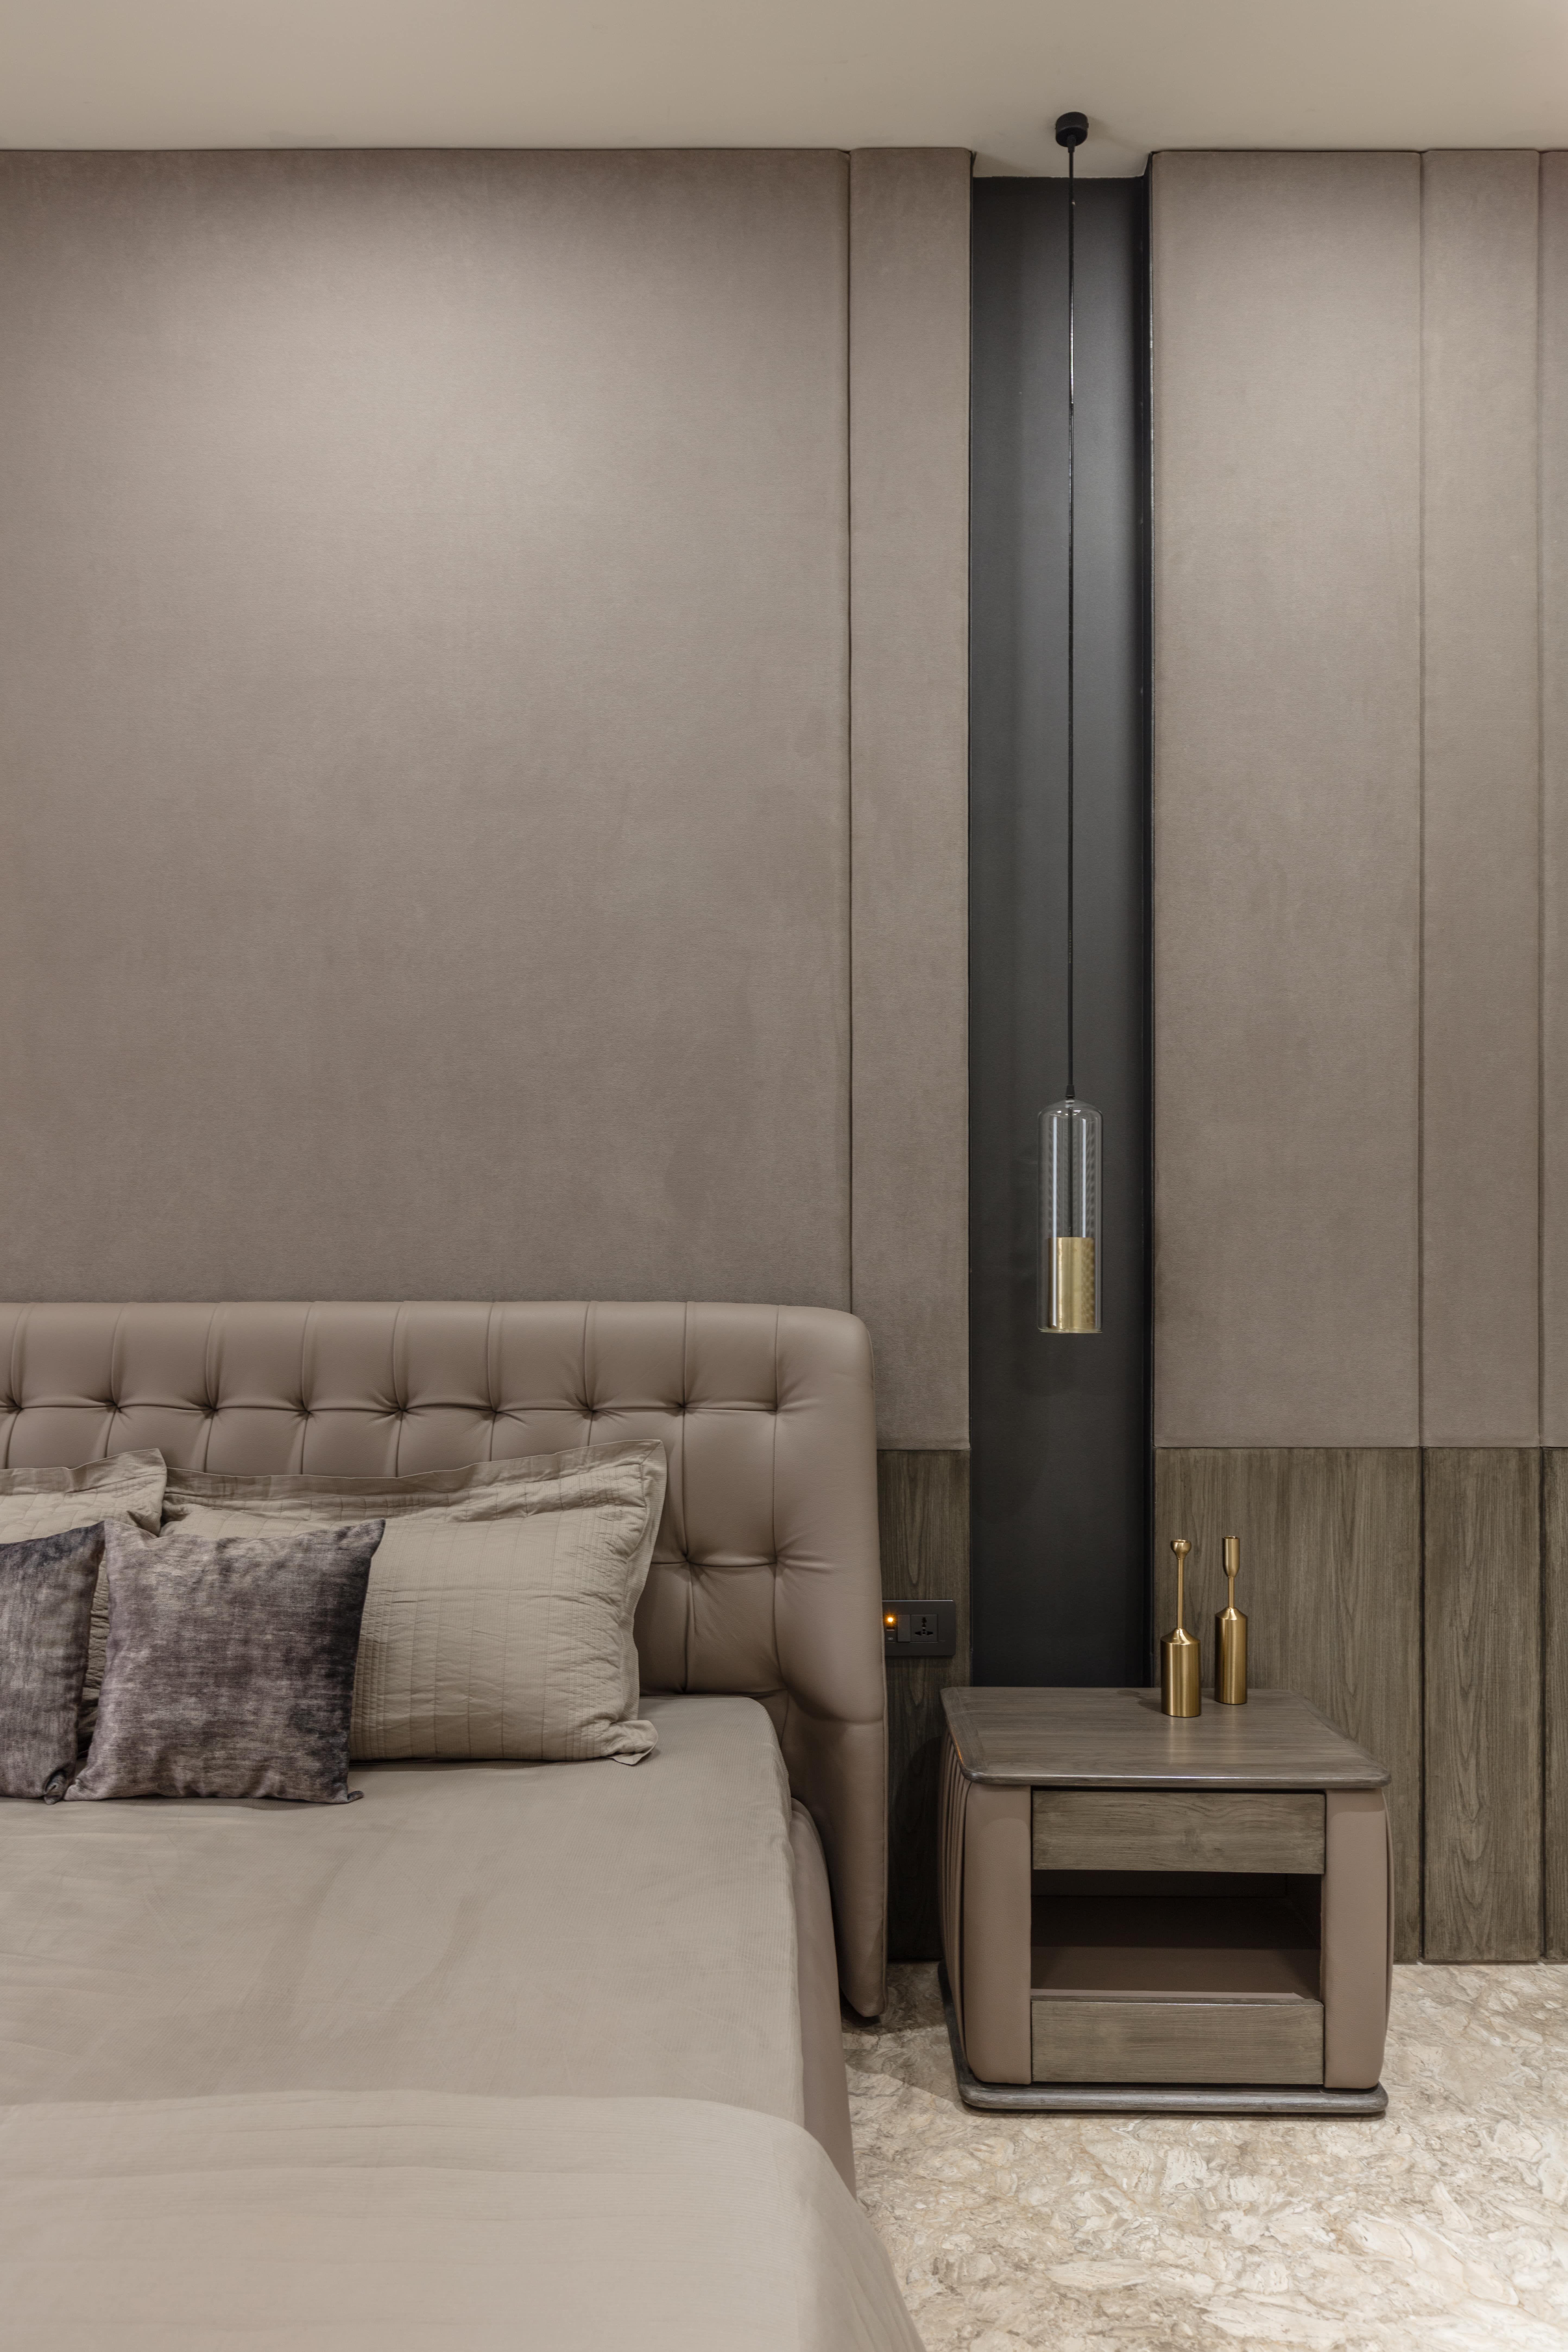 #bedroom #monochrome #neutrals #apartmentdesign #designerscircle #luxuryinteriors #ahmedabad #interiordesign